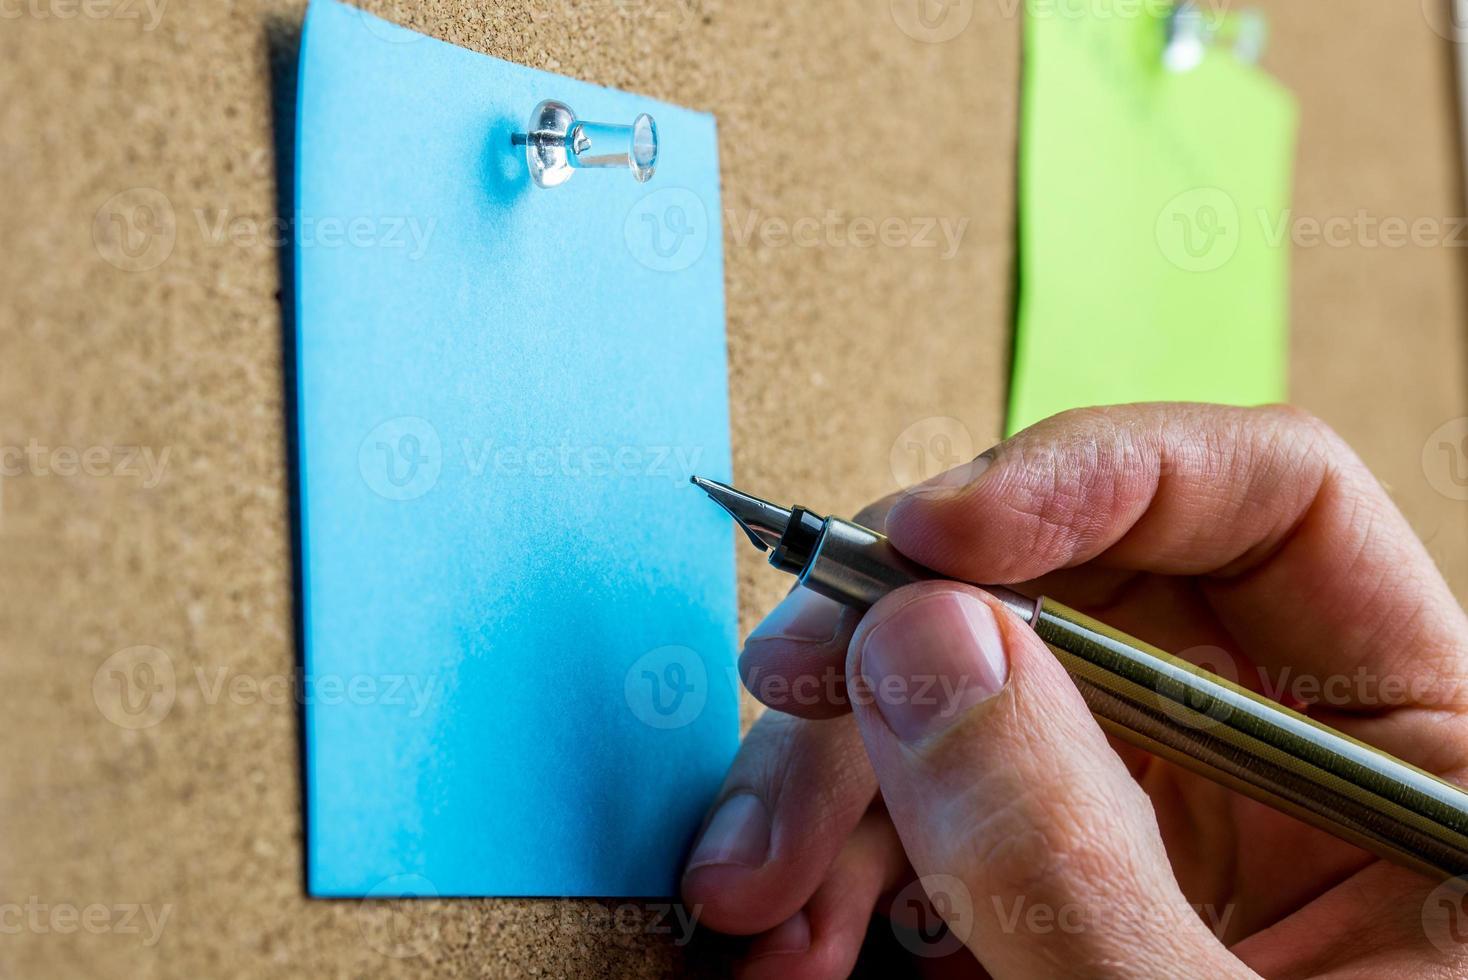 schrijven op blauwe post-it papier foto